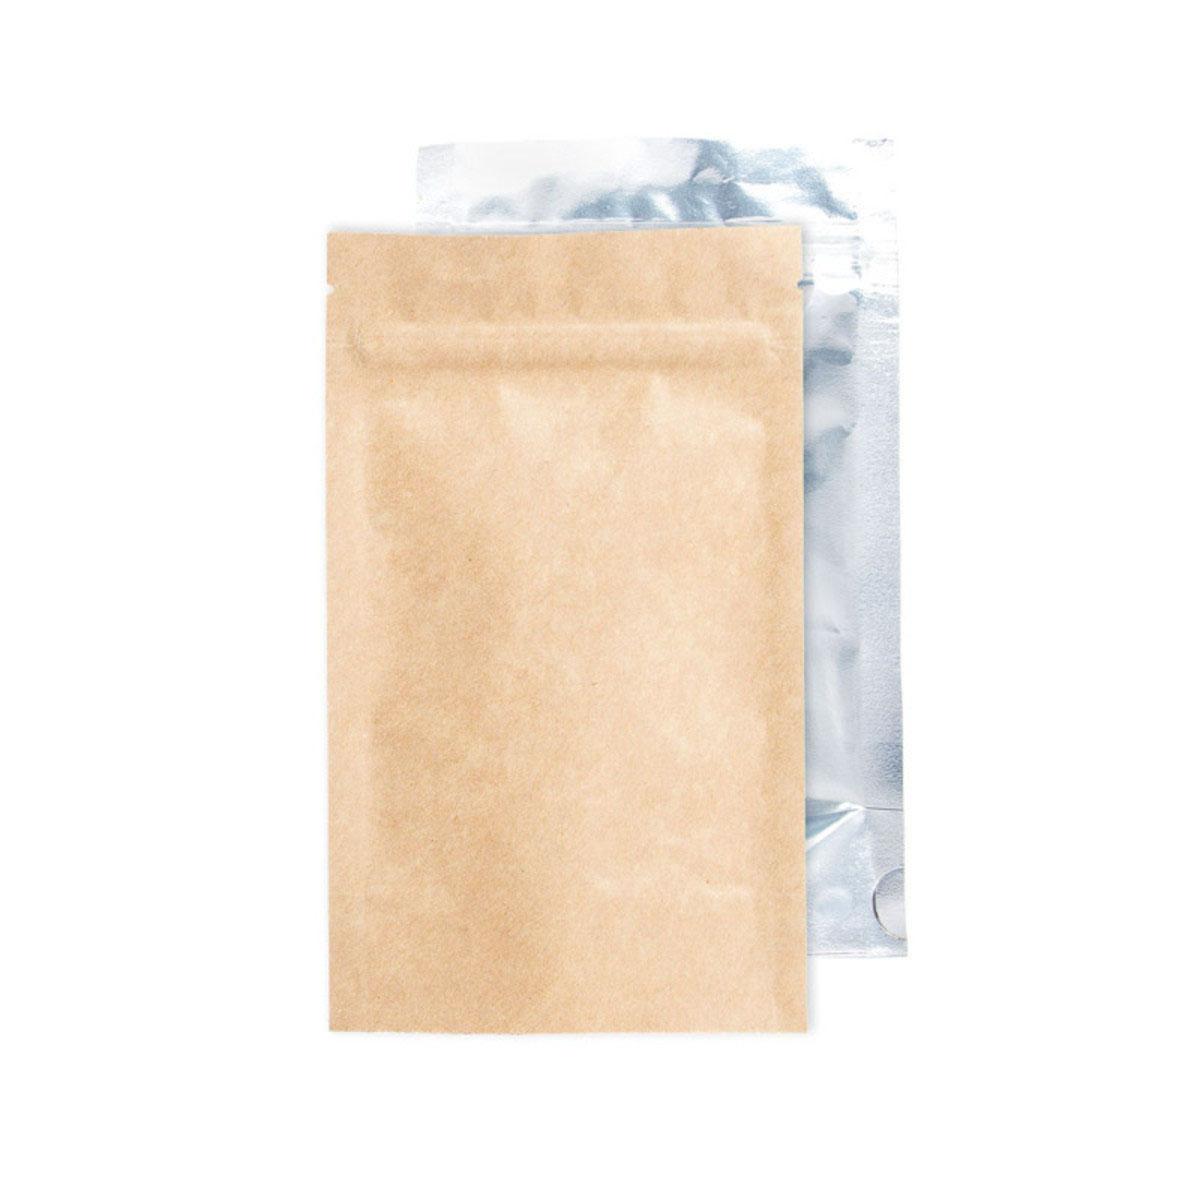 Quarter Ounce Kraft/clear Barrier Bags (100 Qty.)